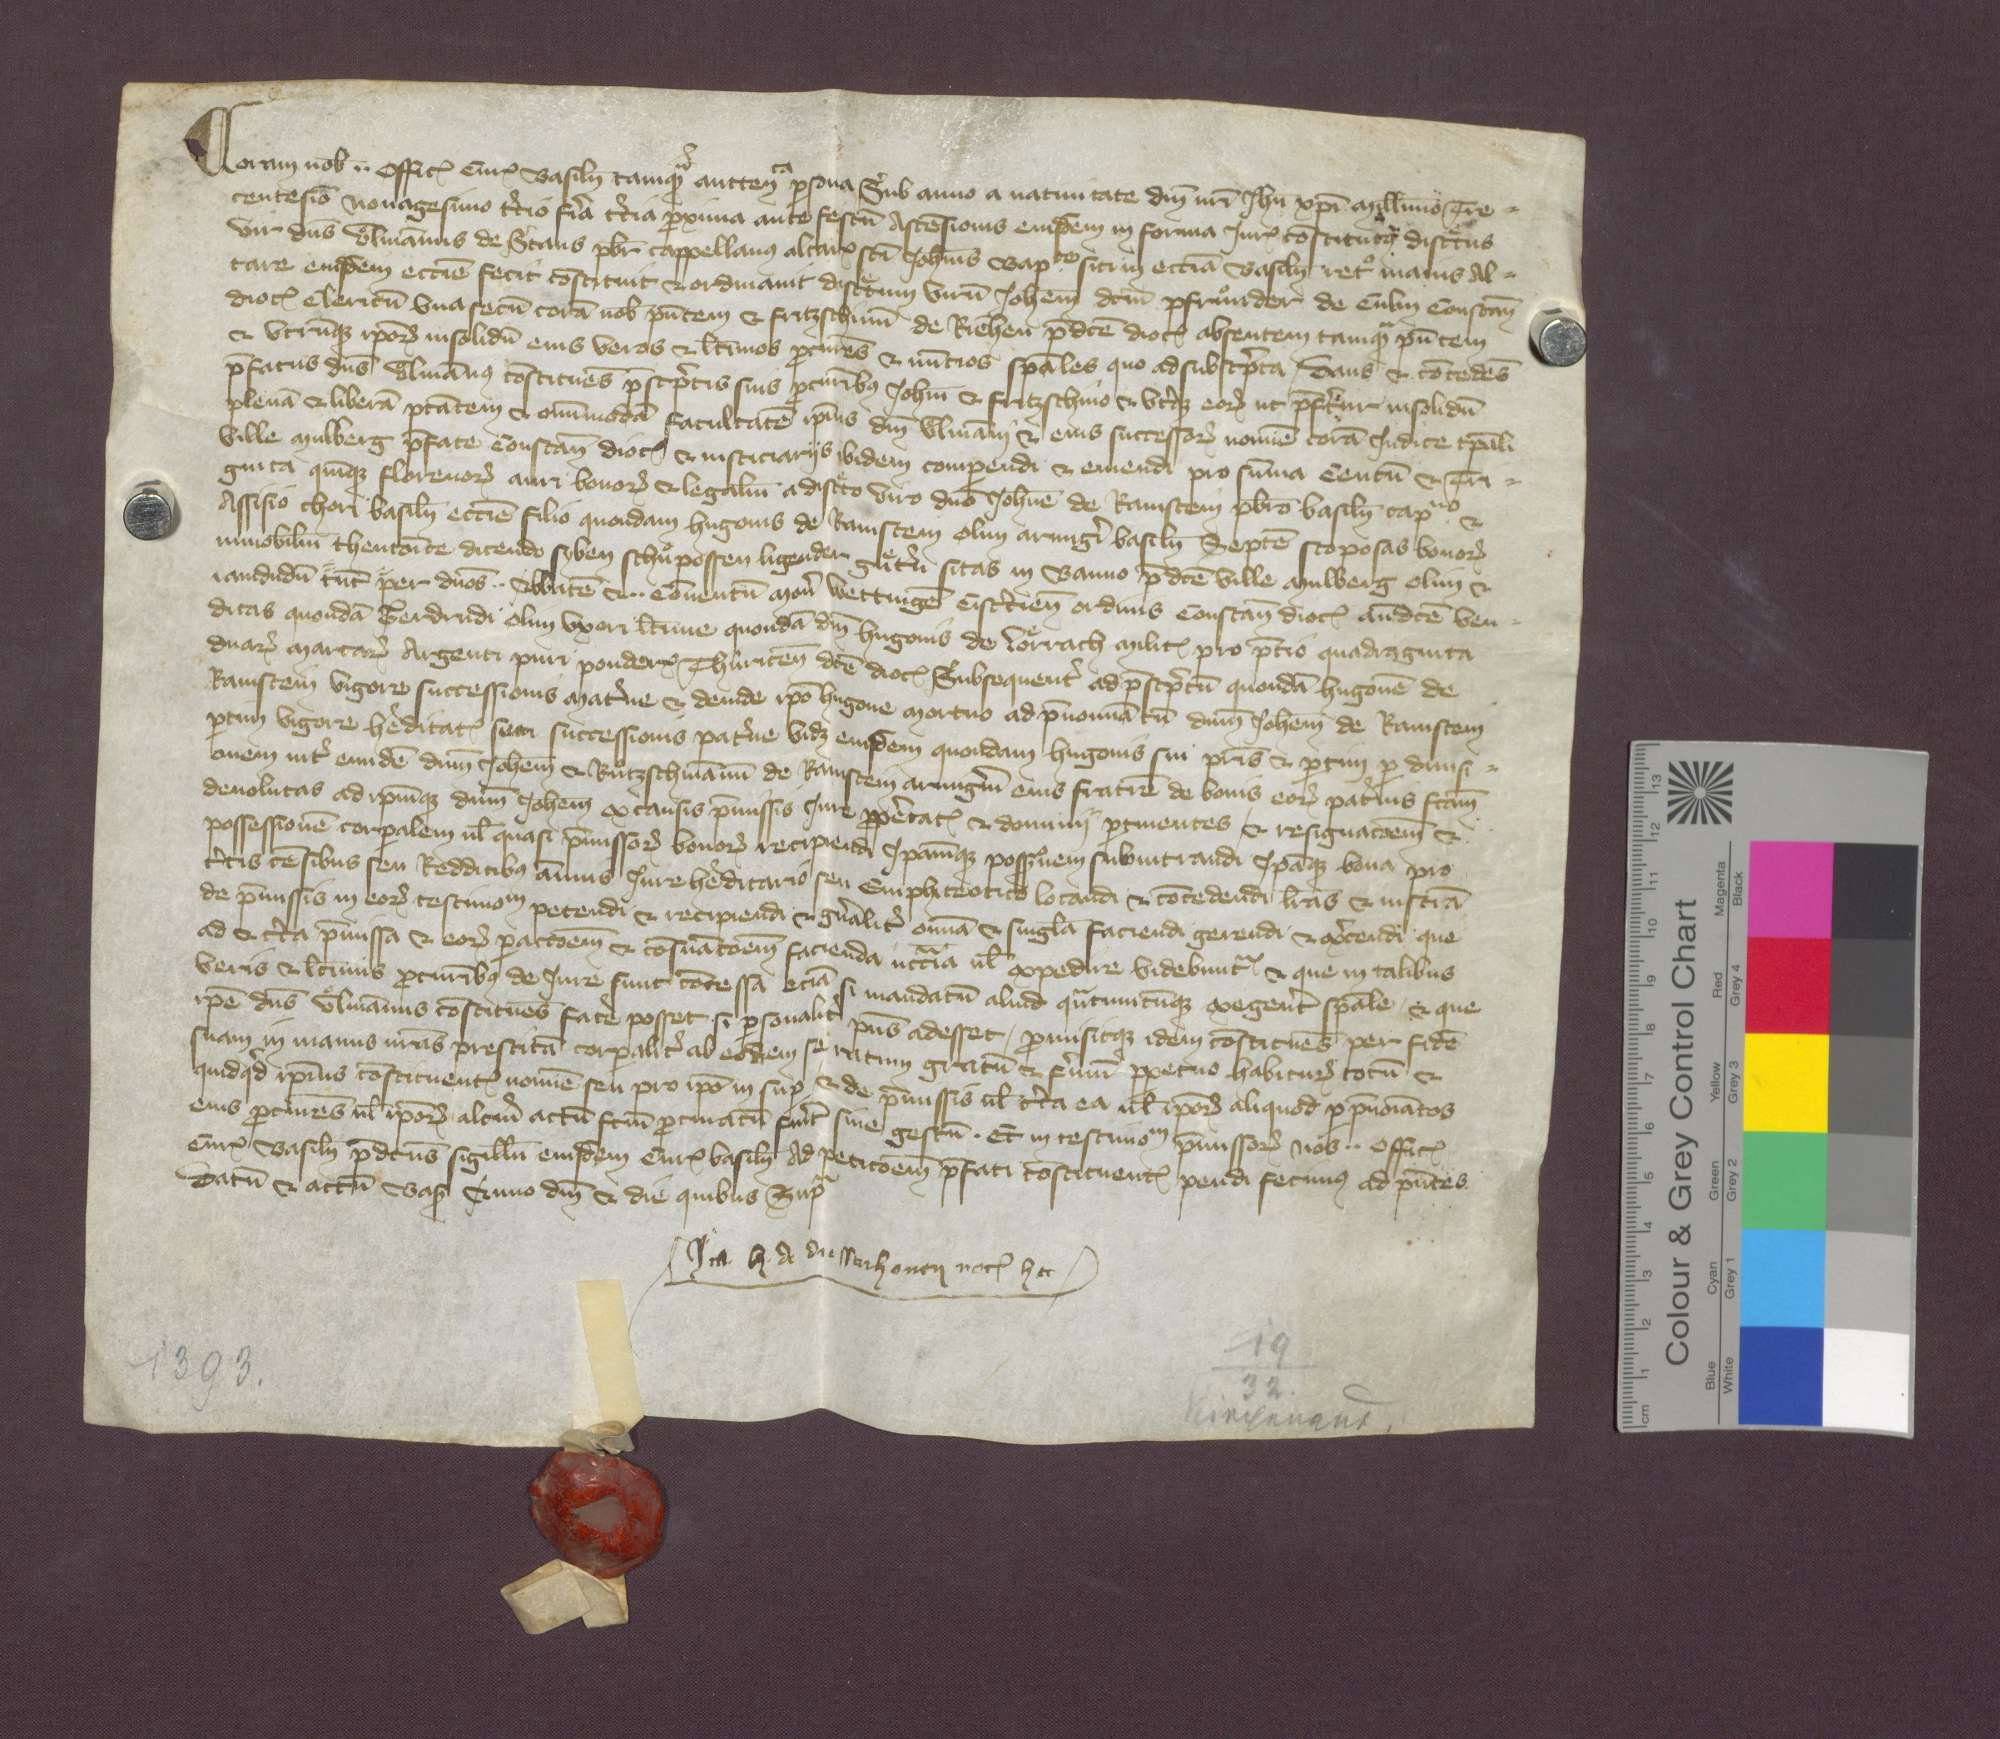 Ulmann von Stans beauftragt Johannes von Ramstein, 7 Schupposen in Maulburg für sich, den Inhaber des Johannes-Baptist-Altars in Basel, zu kaufen., Bild 2